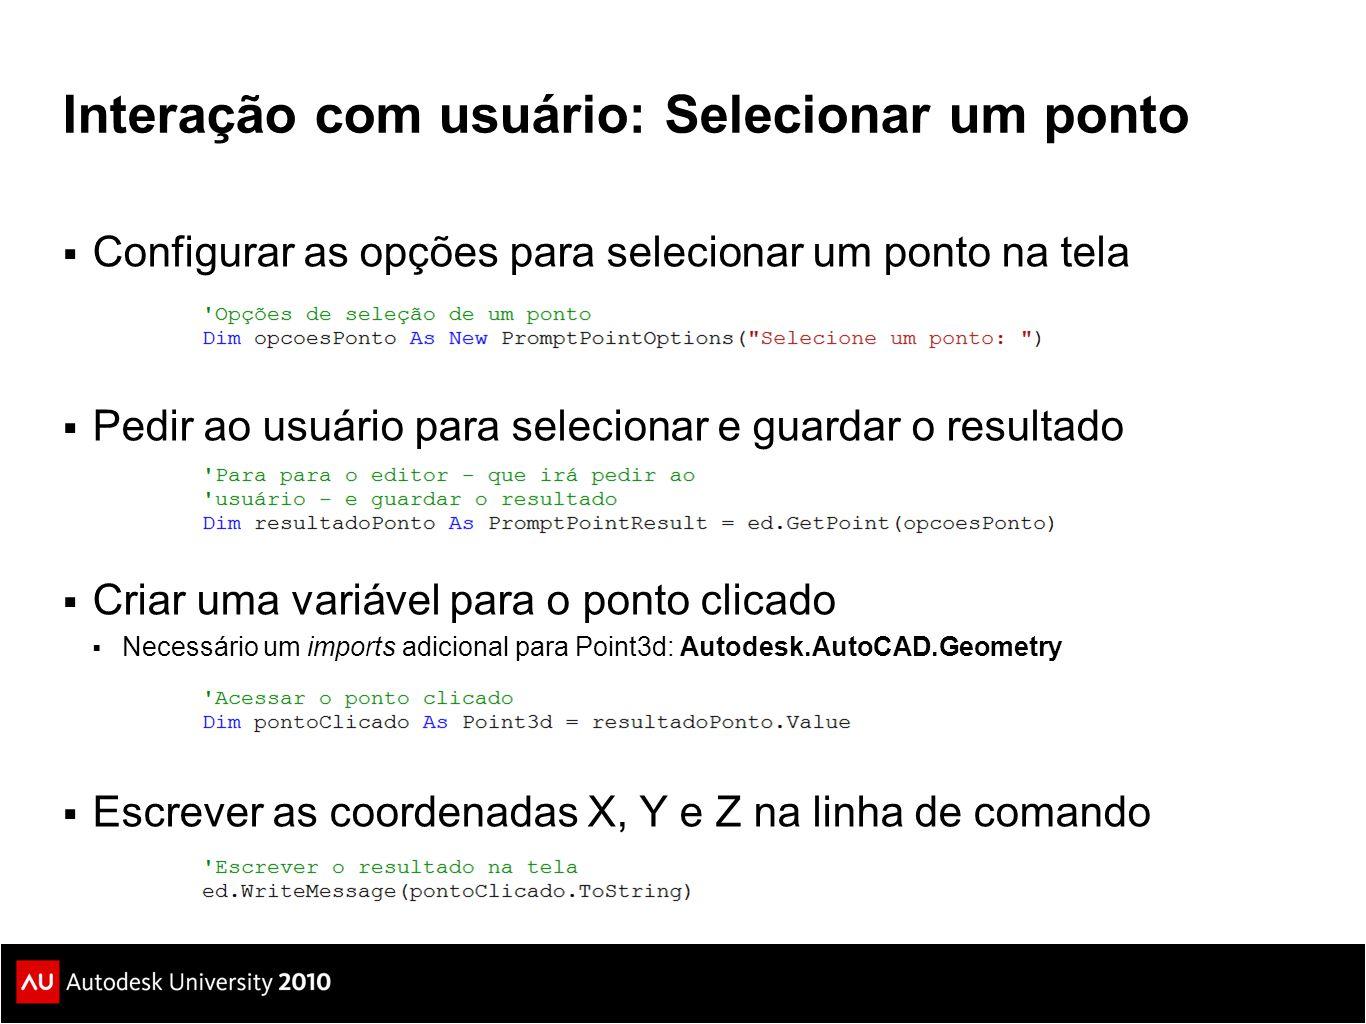 Interação com usuário: Selecionar um ponto  Configurar as opções para selecionar um ponto na tela  Pedir ao usuário para selecionar e guardar o resultado  Criar uma variável para o ponto clicado  Necessário um imports adicional para Point3d: Autodesk.AutoCAD.Geometry  Escrever as coordenadas X, Y e Z na linha de comando